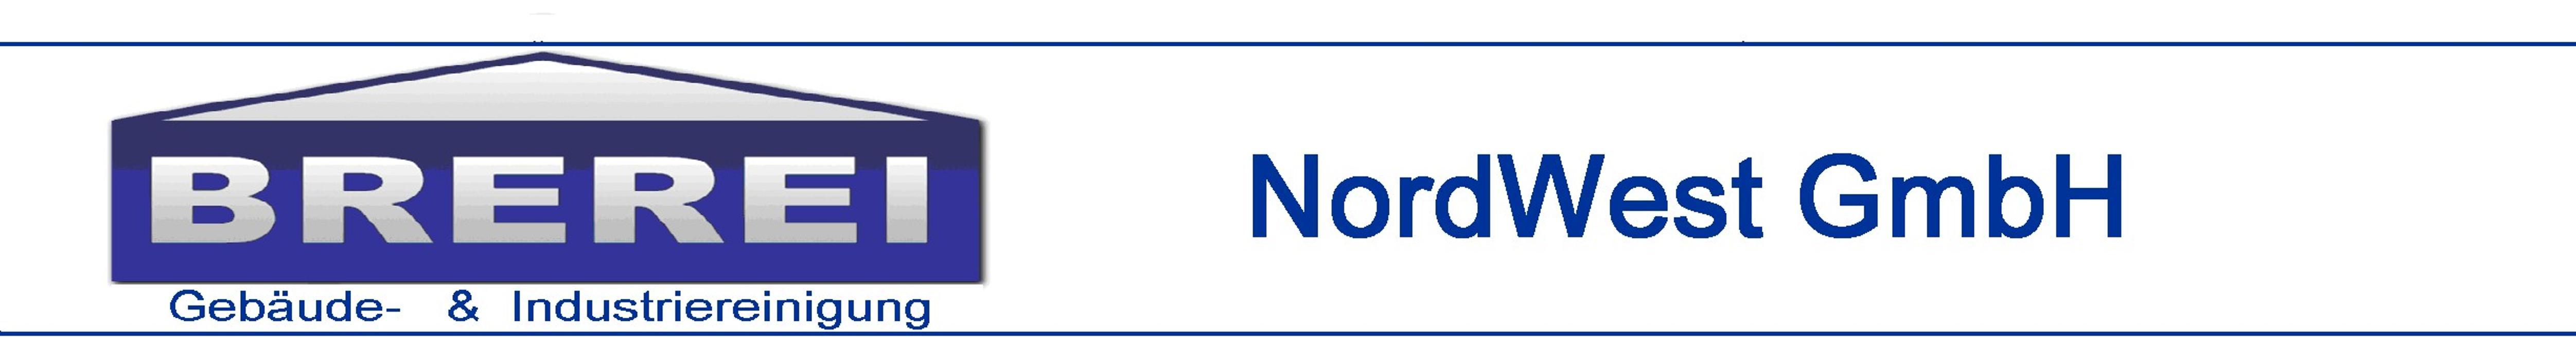 Logo von BREREI NordWest GmbH